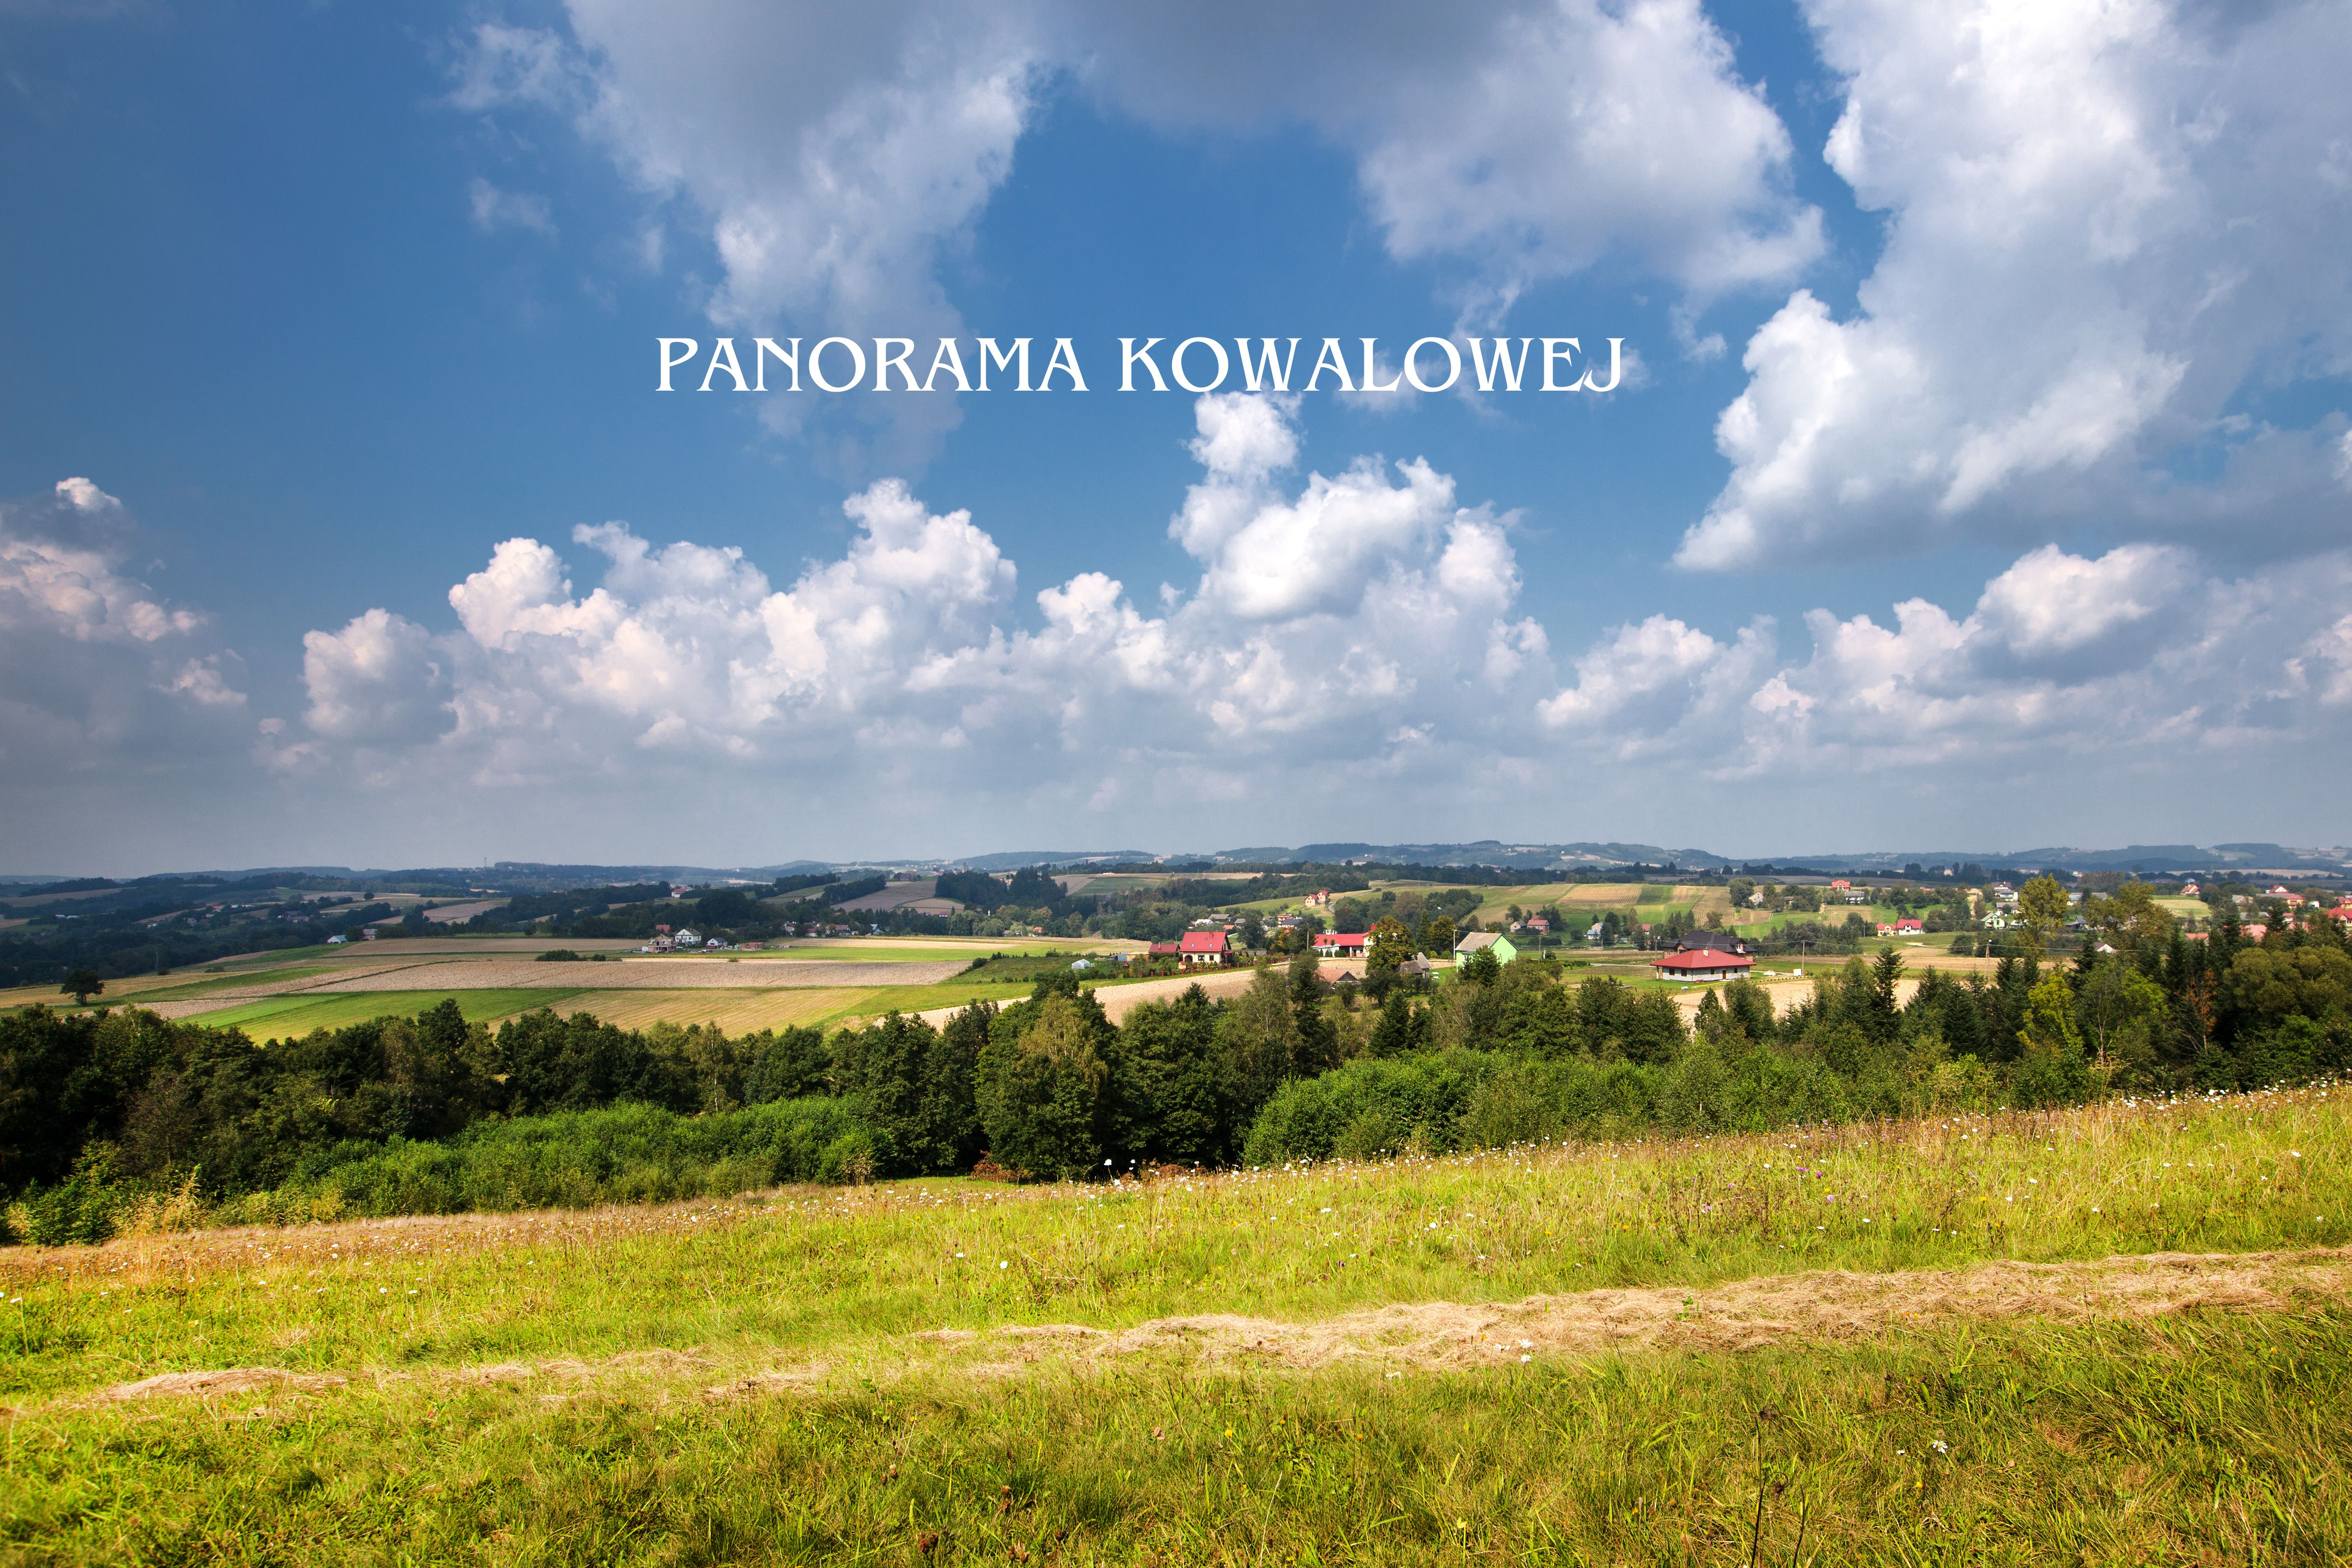 Panorama Kowalowej